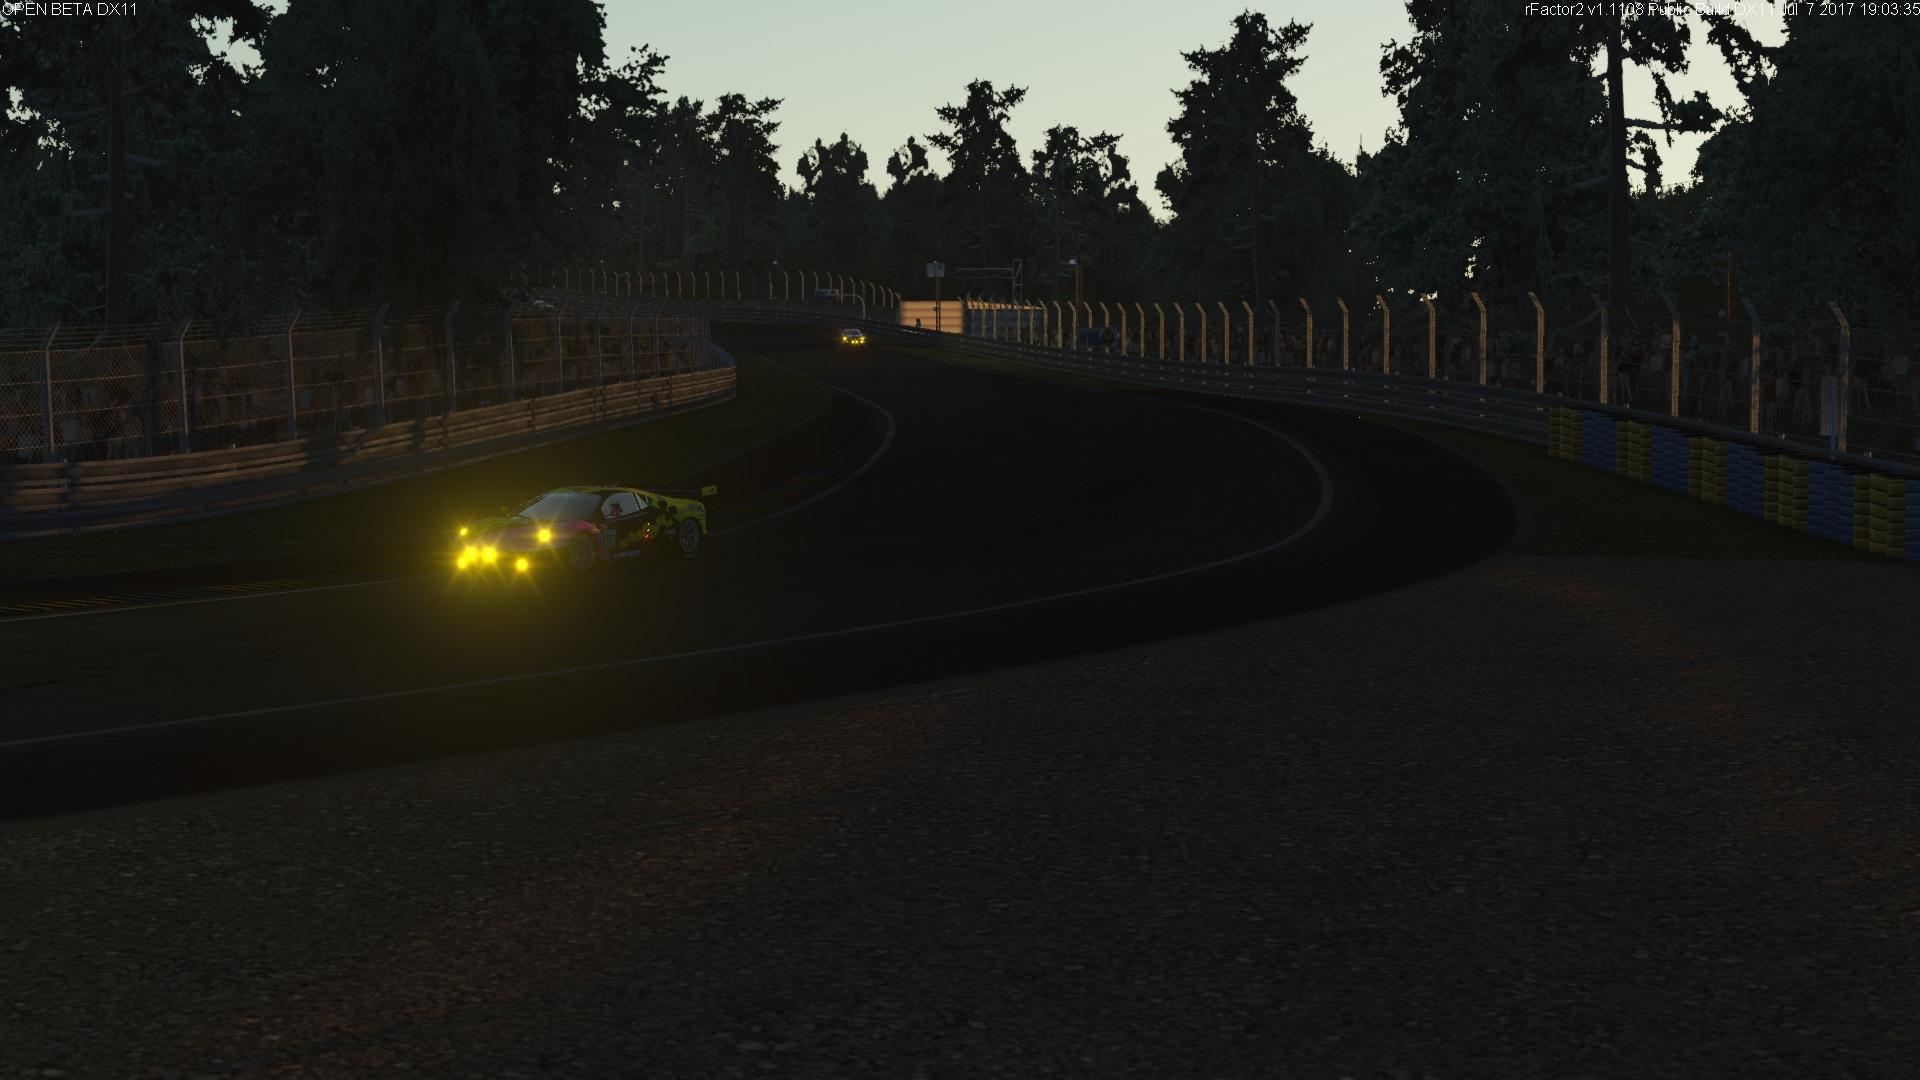 RDLMS Le Mans 19.jpg